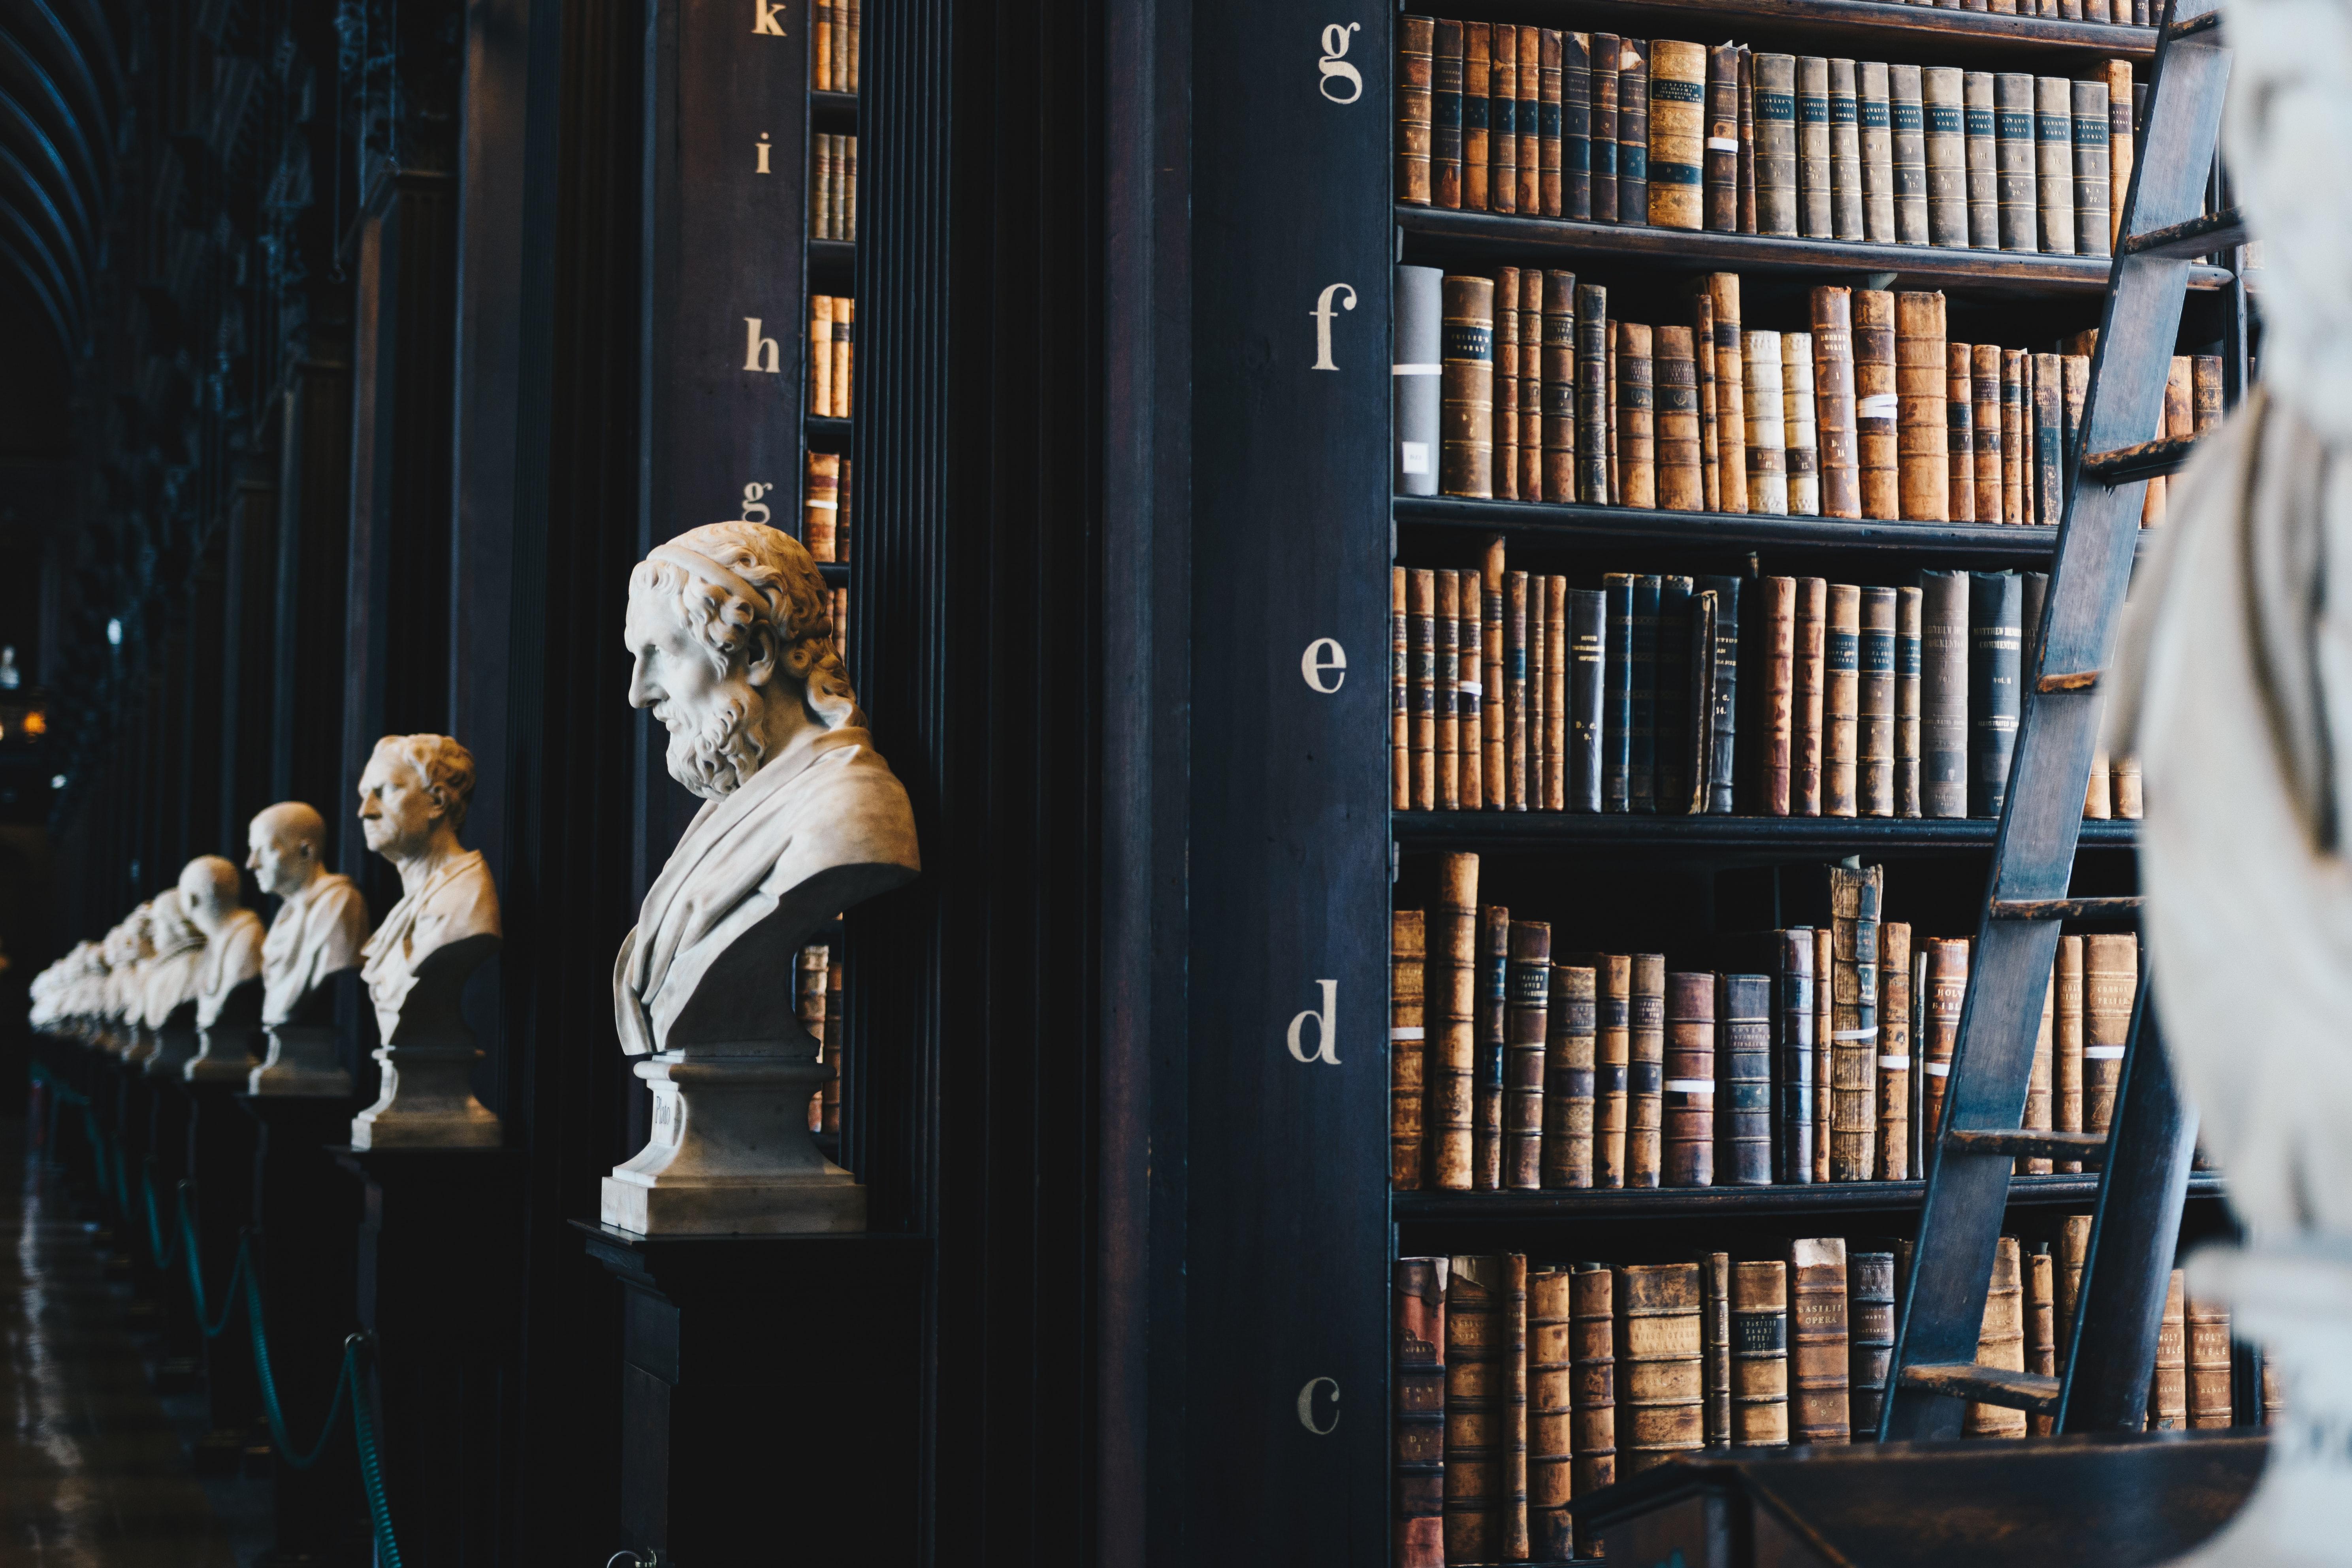 Популярность и любовь к книгам по альтернативной истории